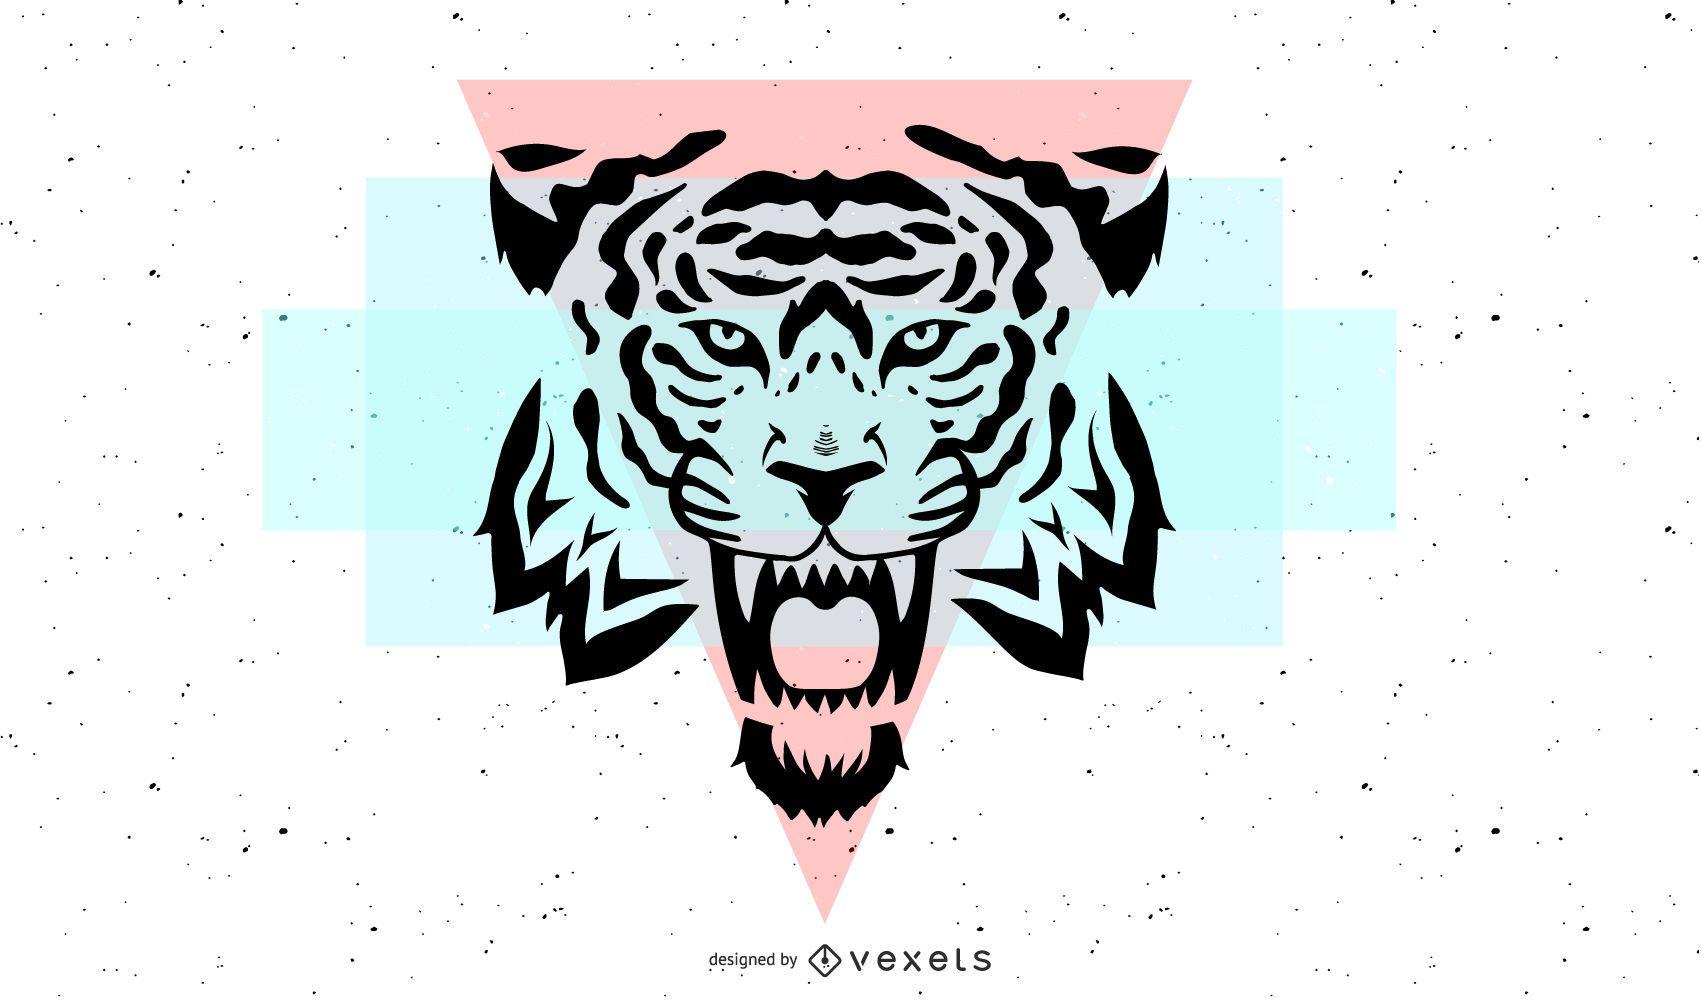 Cabeza de tigre con formas geométricas